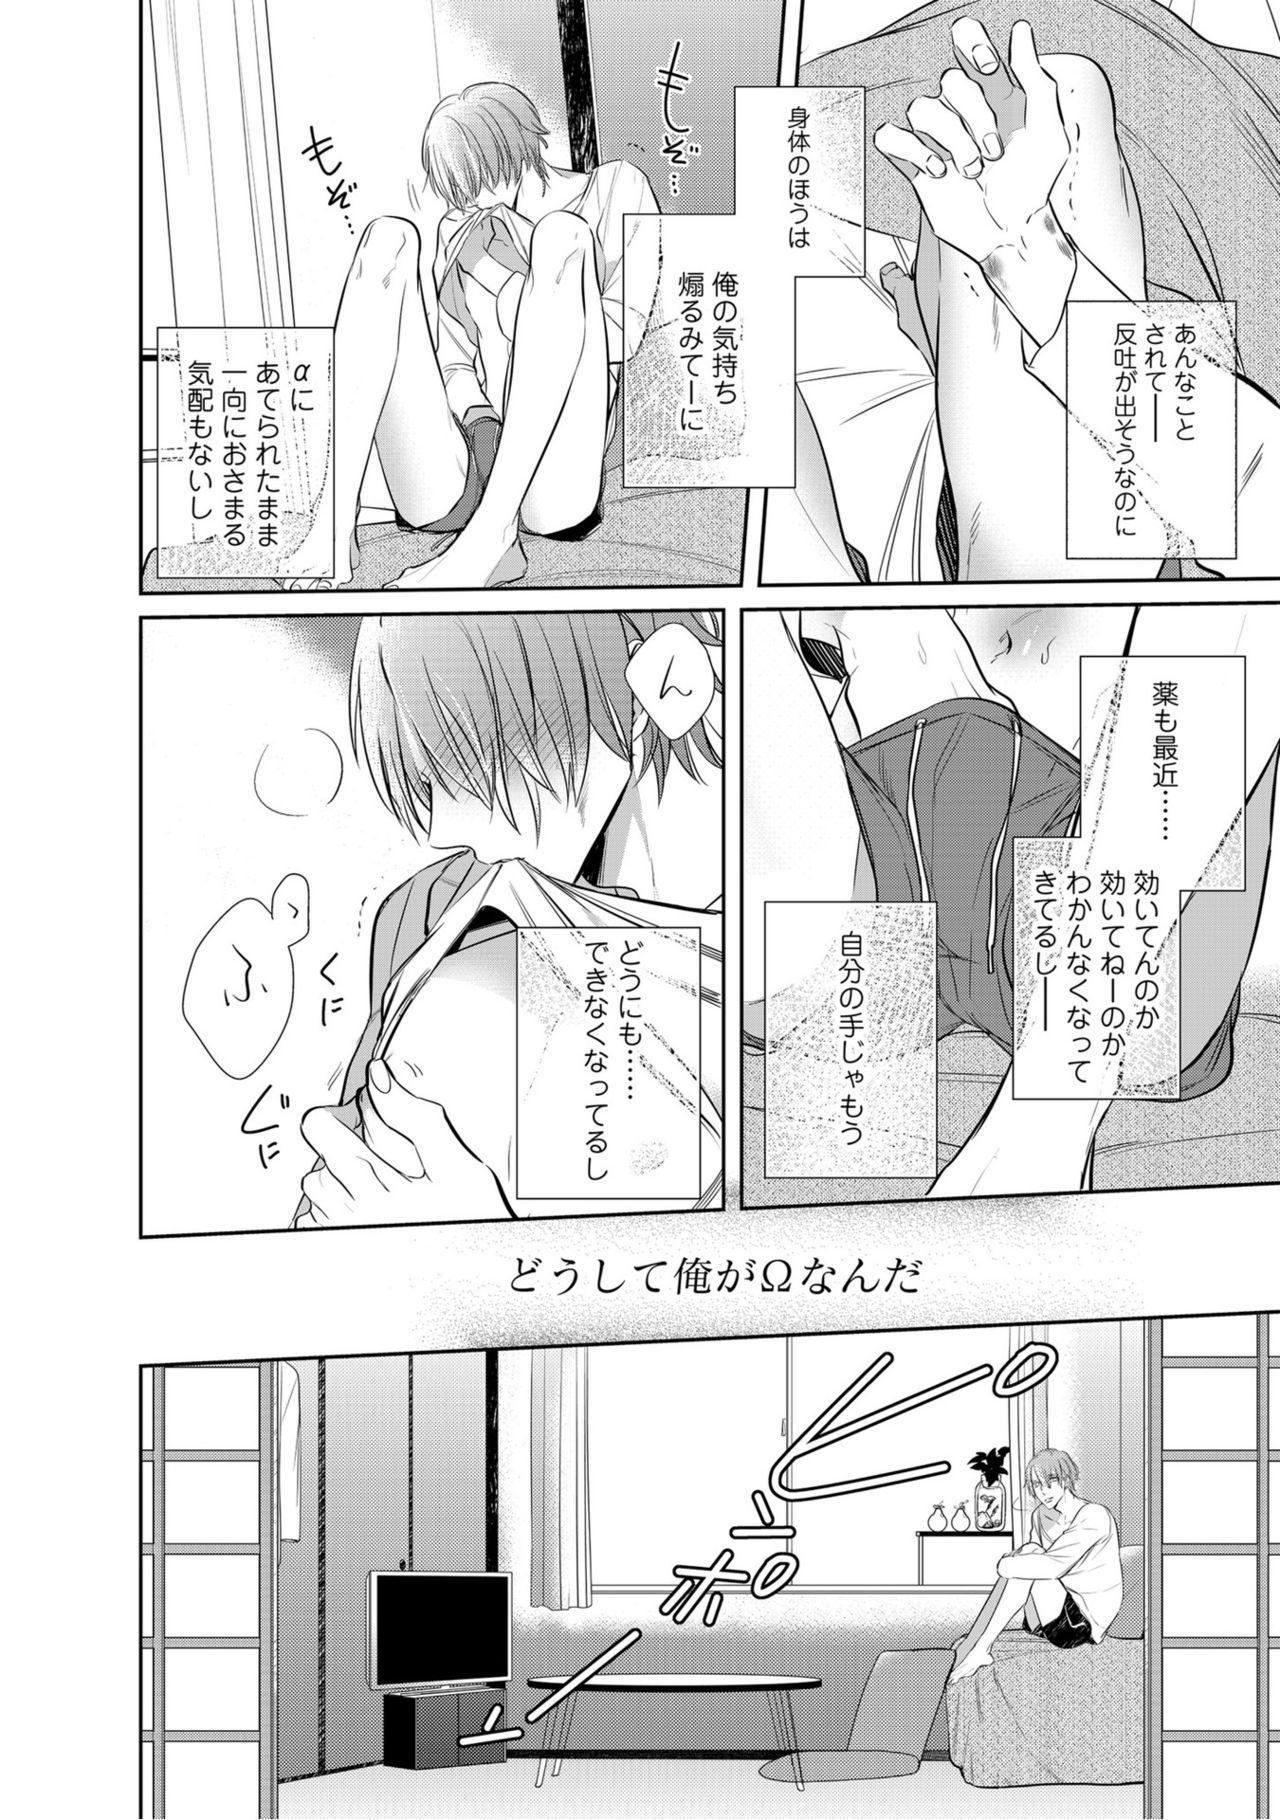 Kurui Naku no wa Boku no Ban ~ vol.2 143